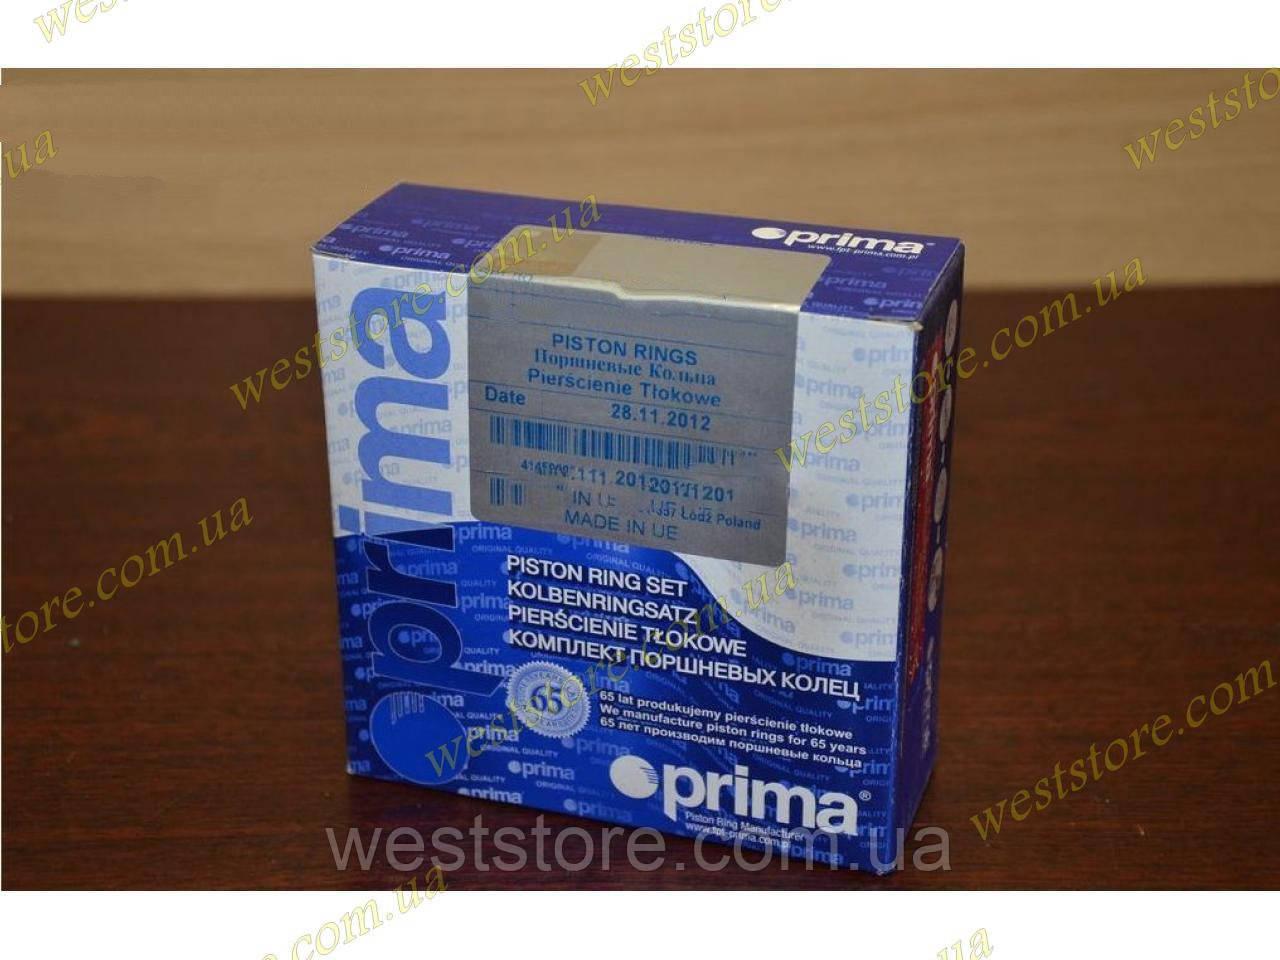 Кольца поршневые Москвич 2140,412 ф 85.0 Prima  (К4-2000-000)